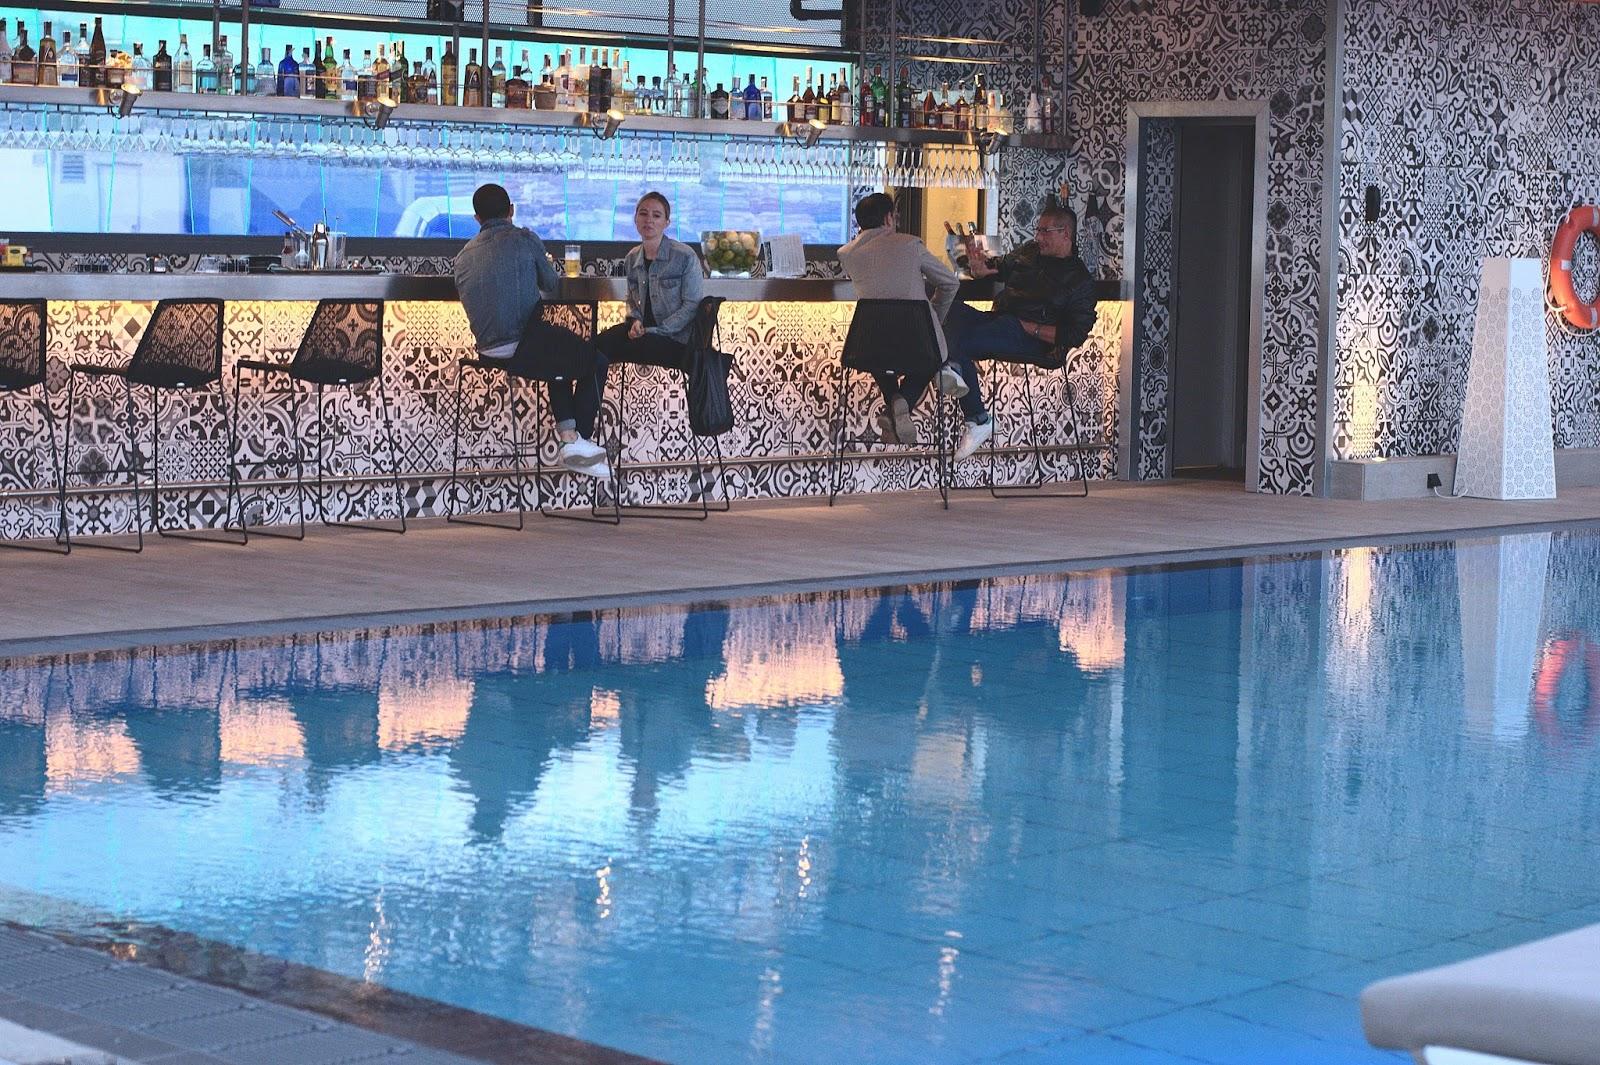 Hotel Catalonia Plaza Barcelona